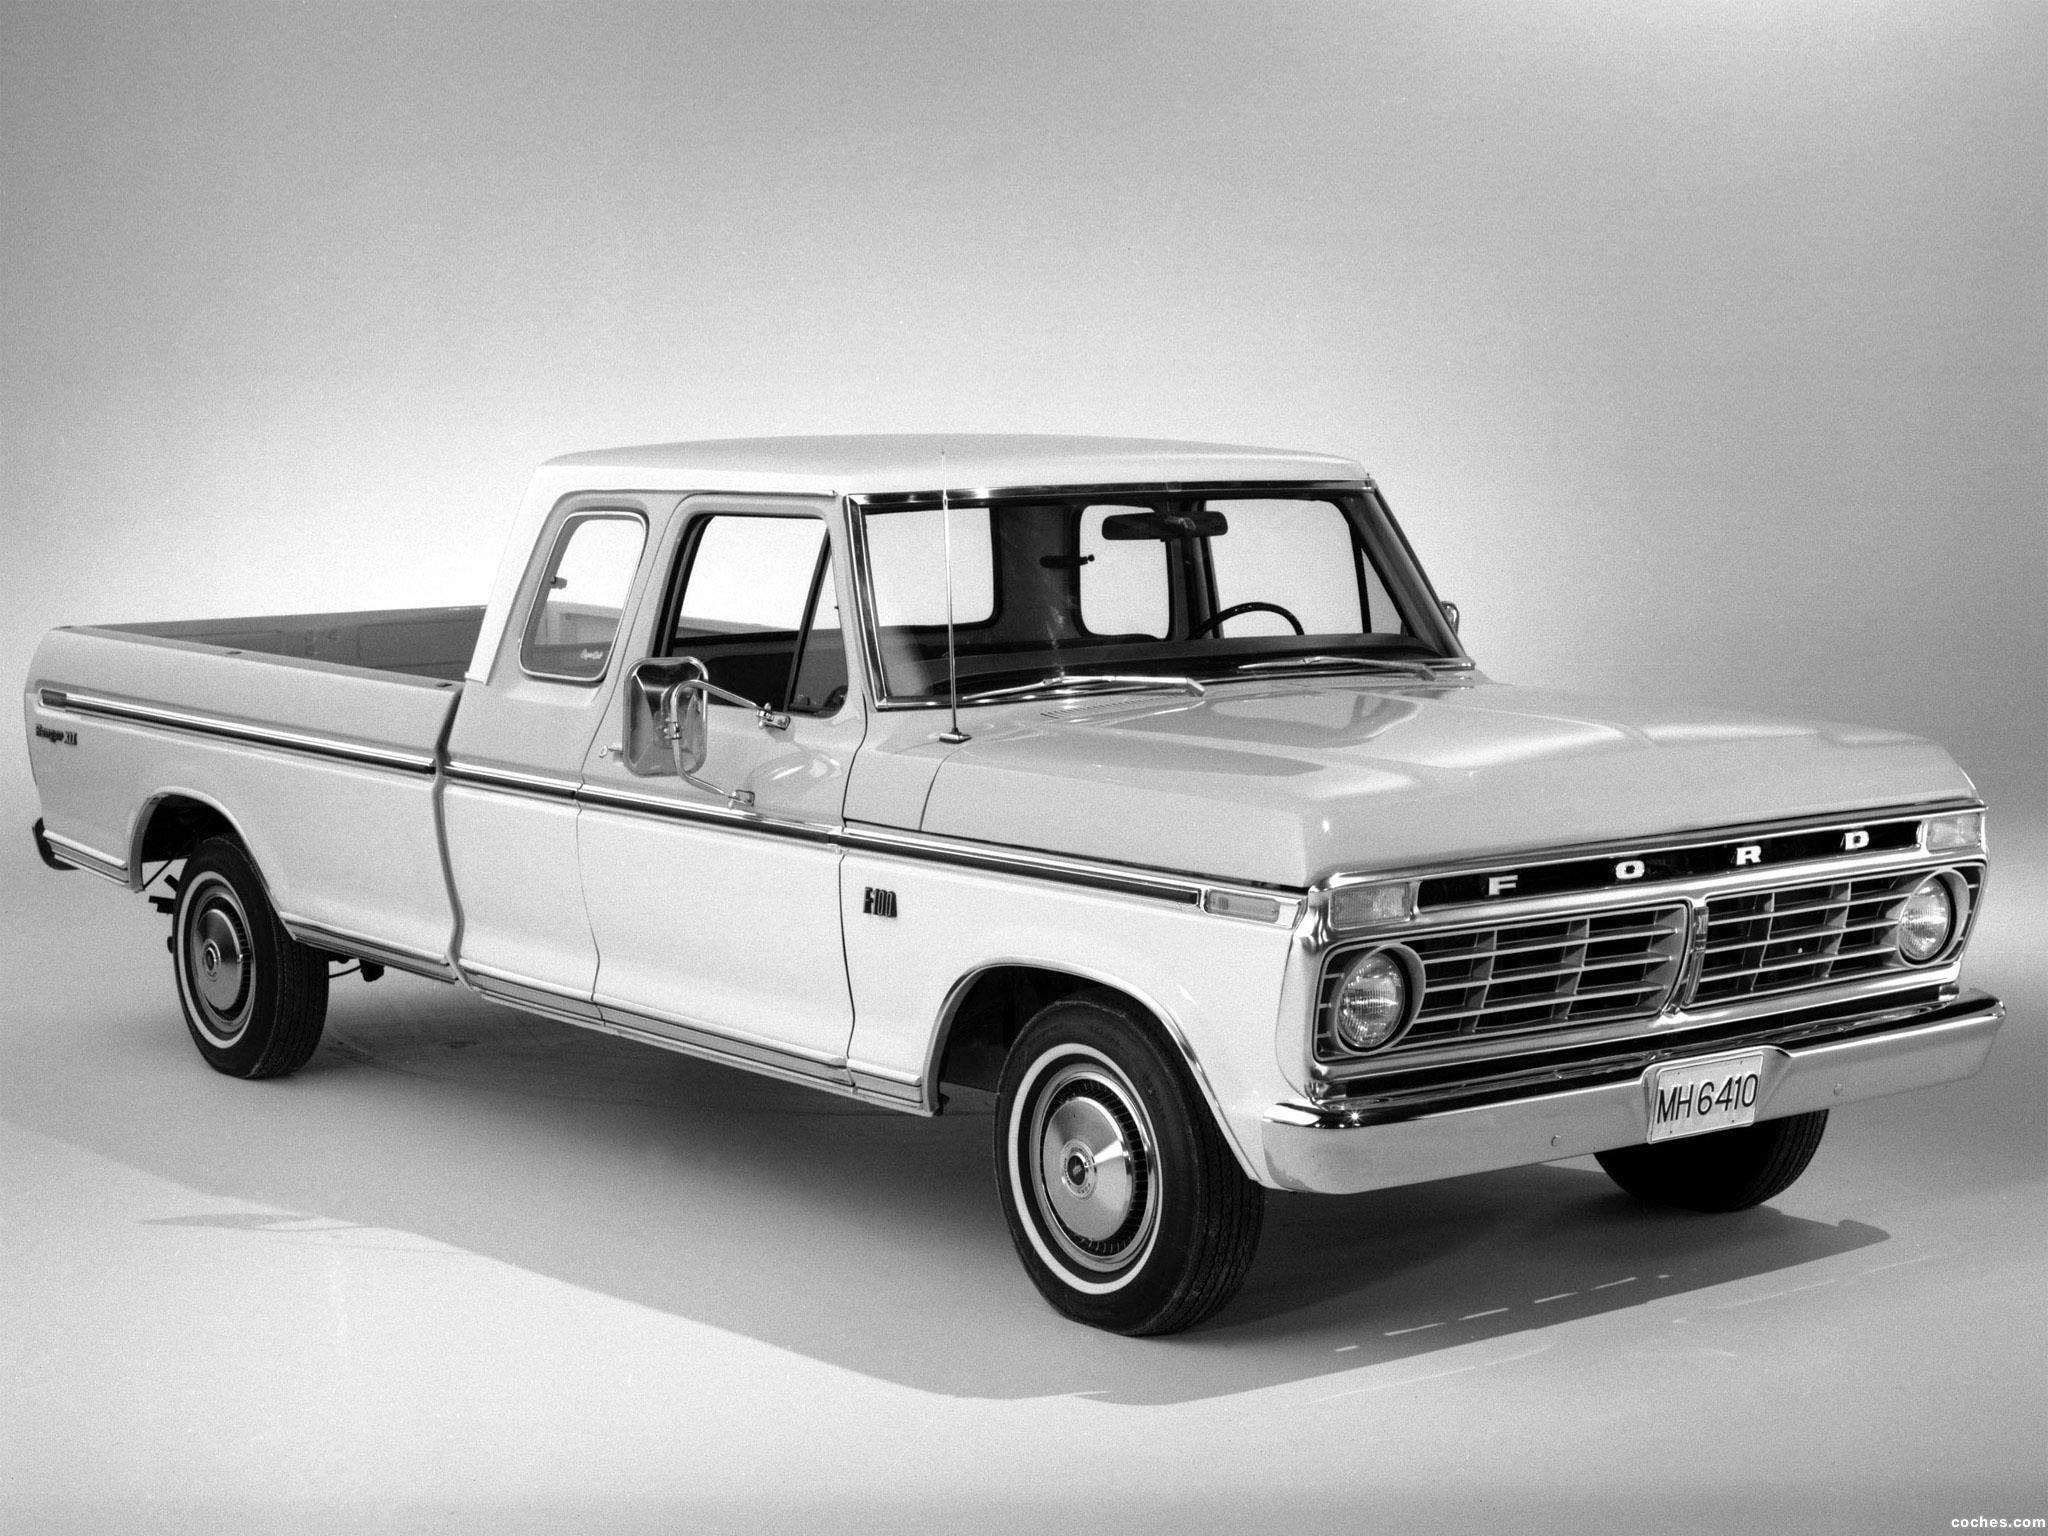 1977 F100 Ford Pickup Truck Shocks 1970 Ranger Xlt